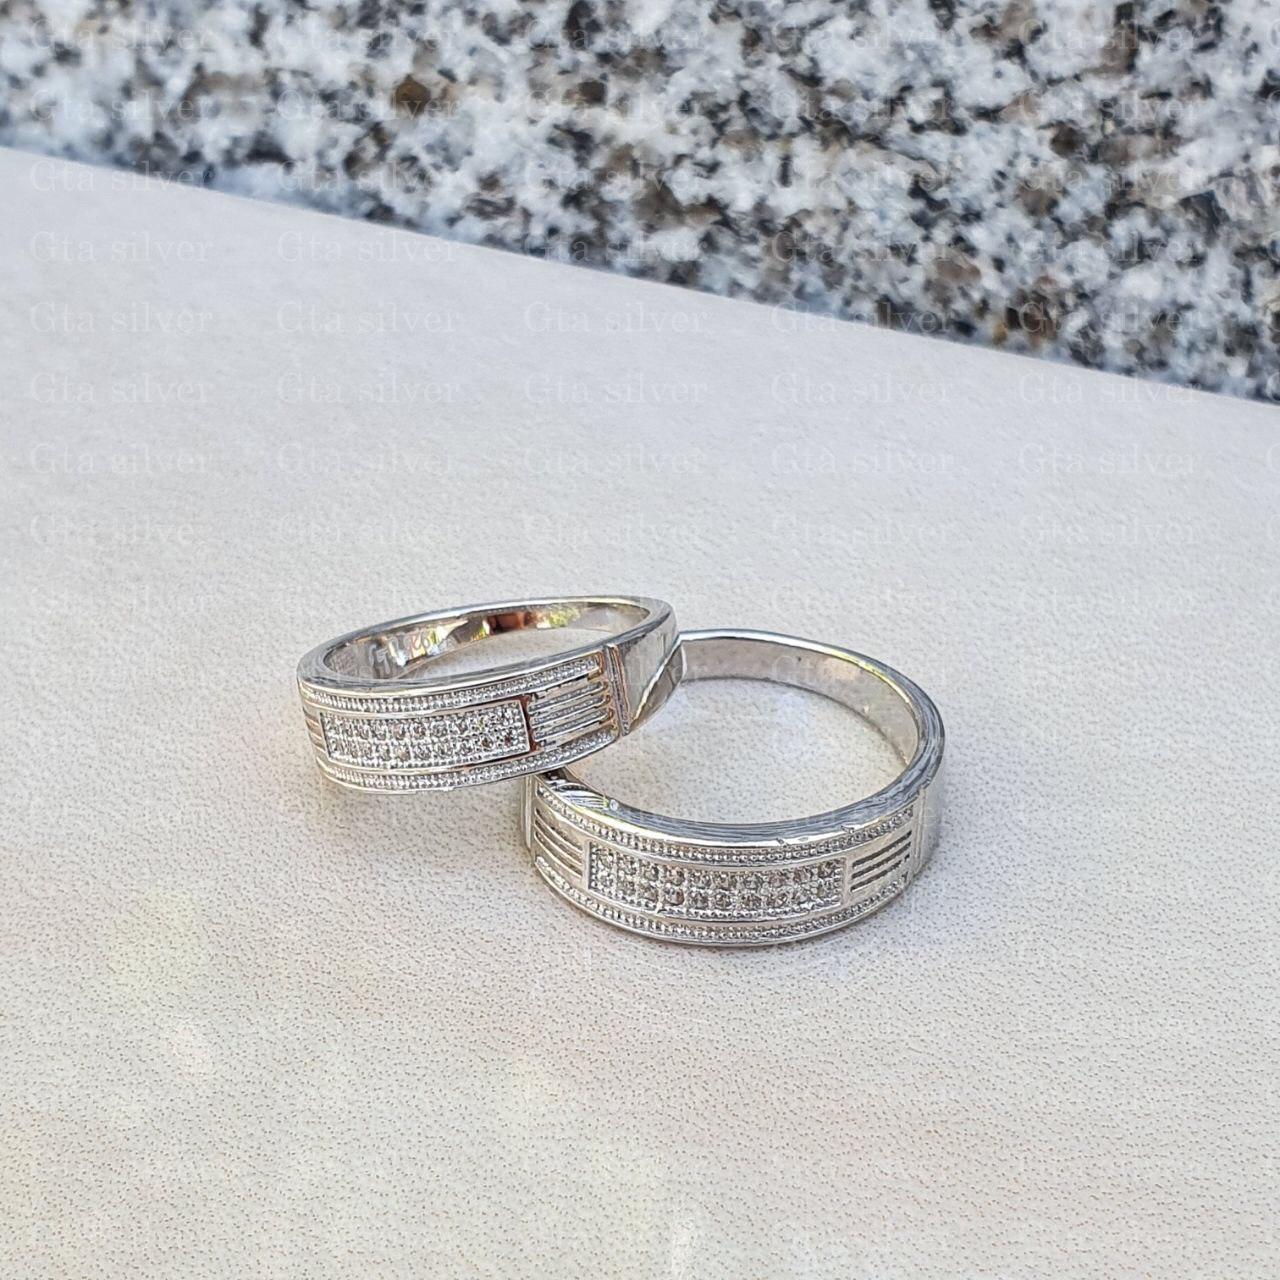 ست حلقه ازدواج وزن 8.5 گرم مدل 44